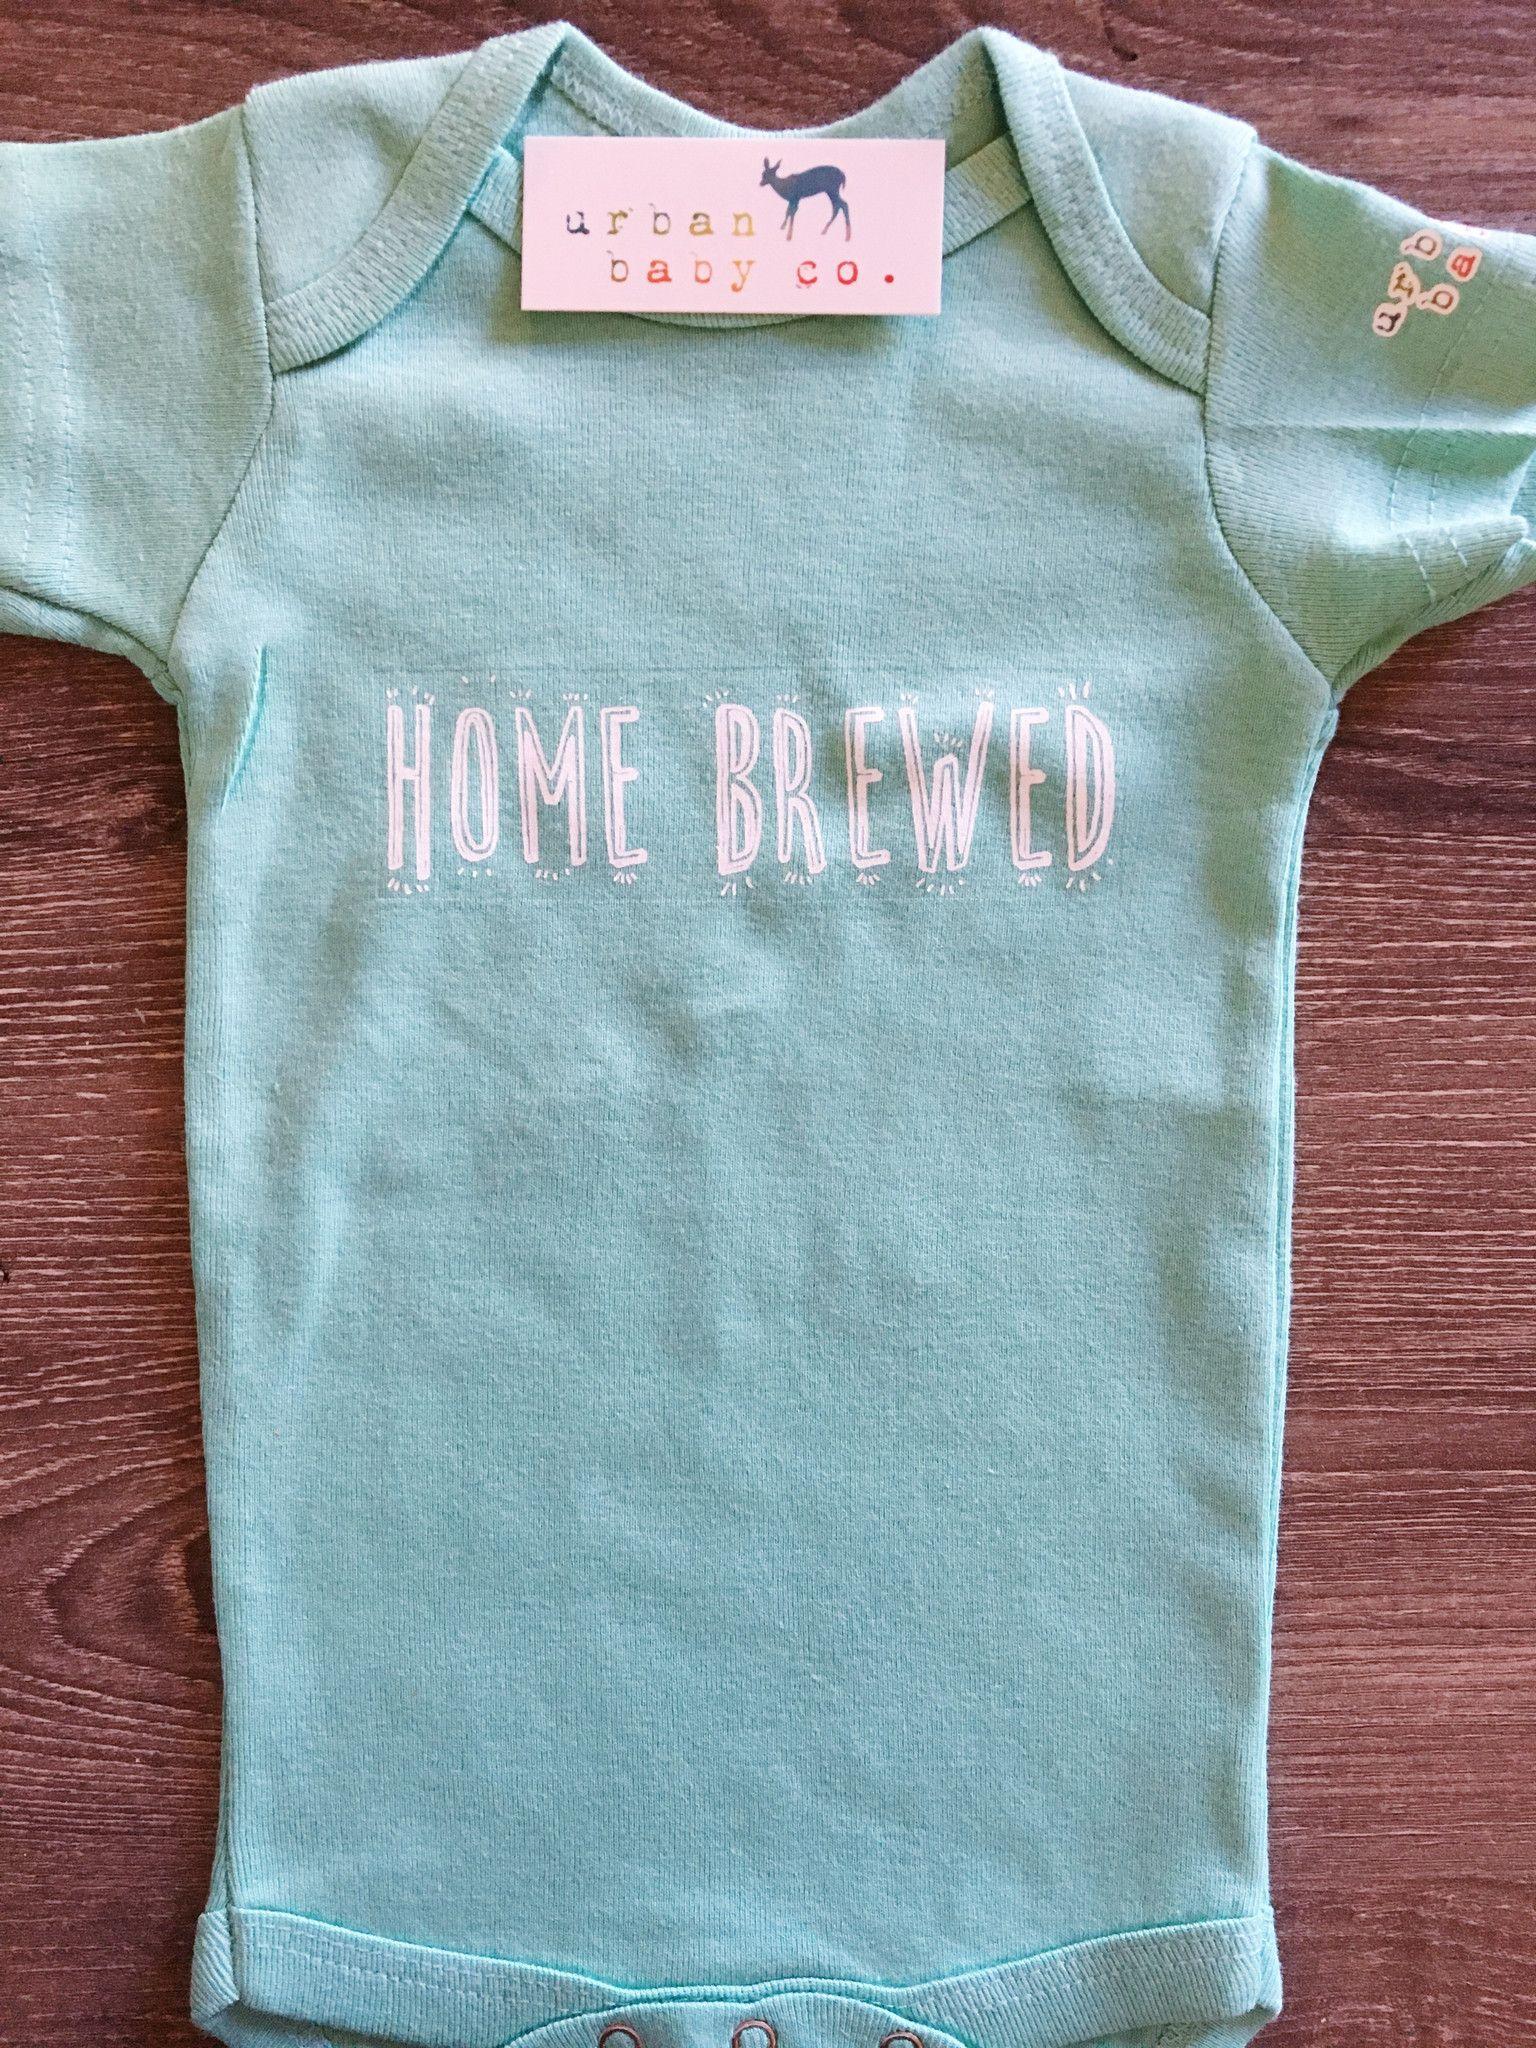 Home Brewed Baby, Boy, Girl, Unisex, Gender Neutral, Infant, Toddler ...